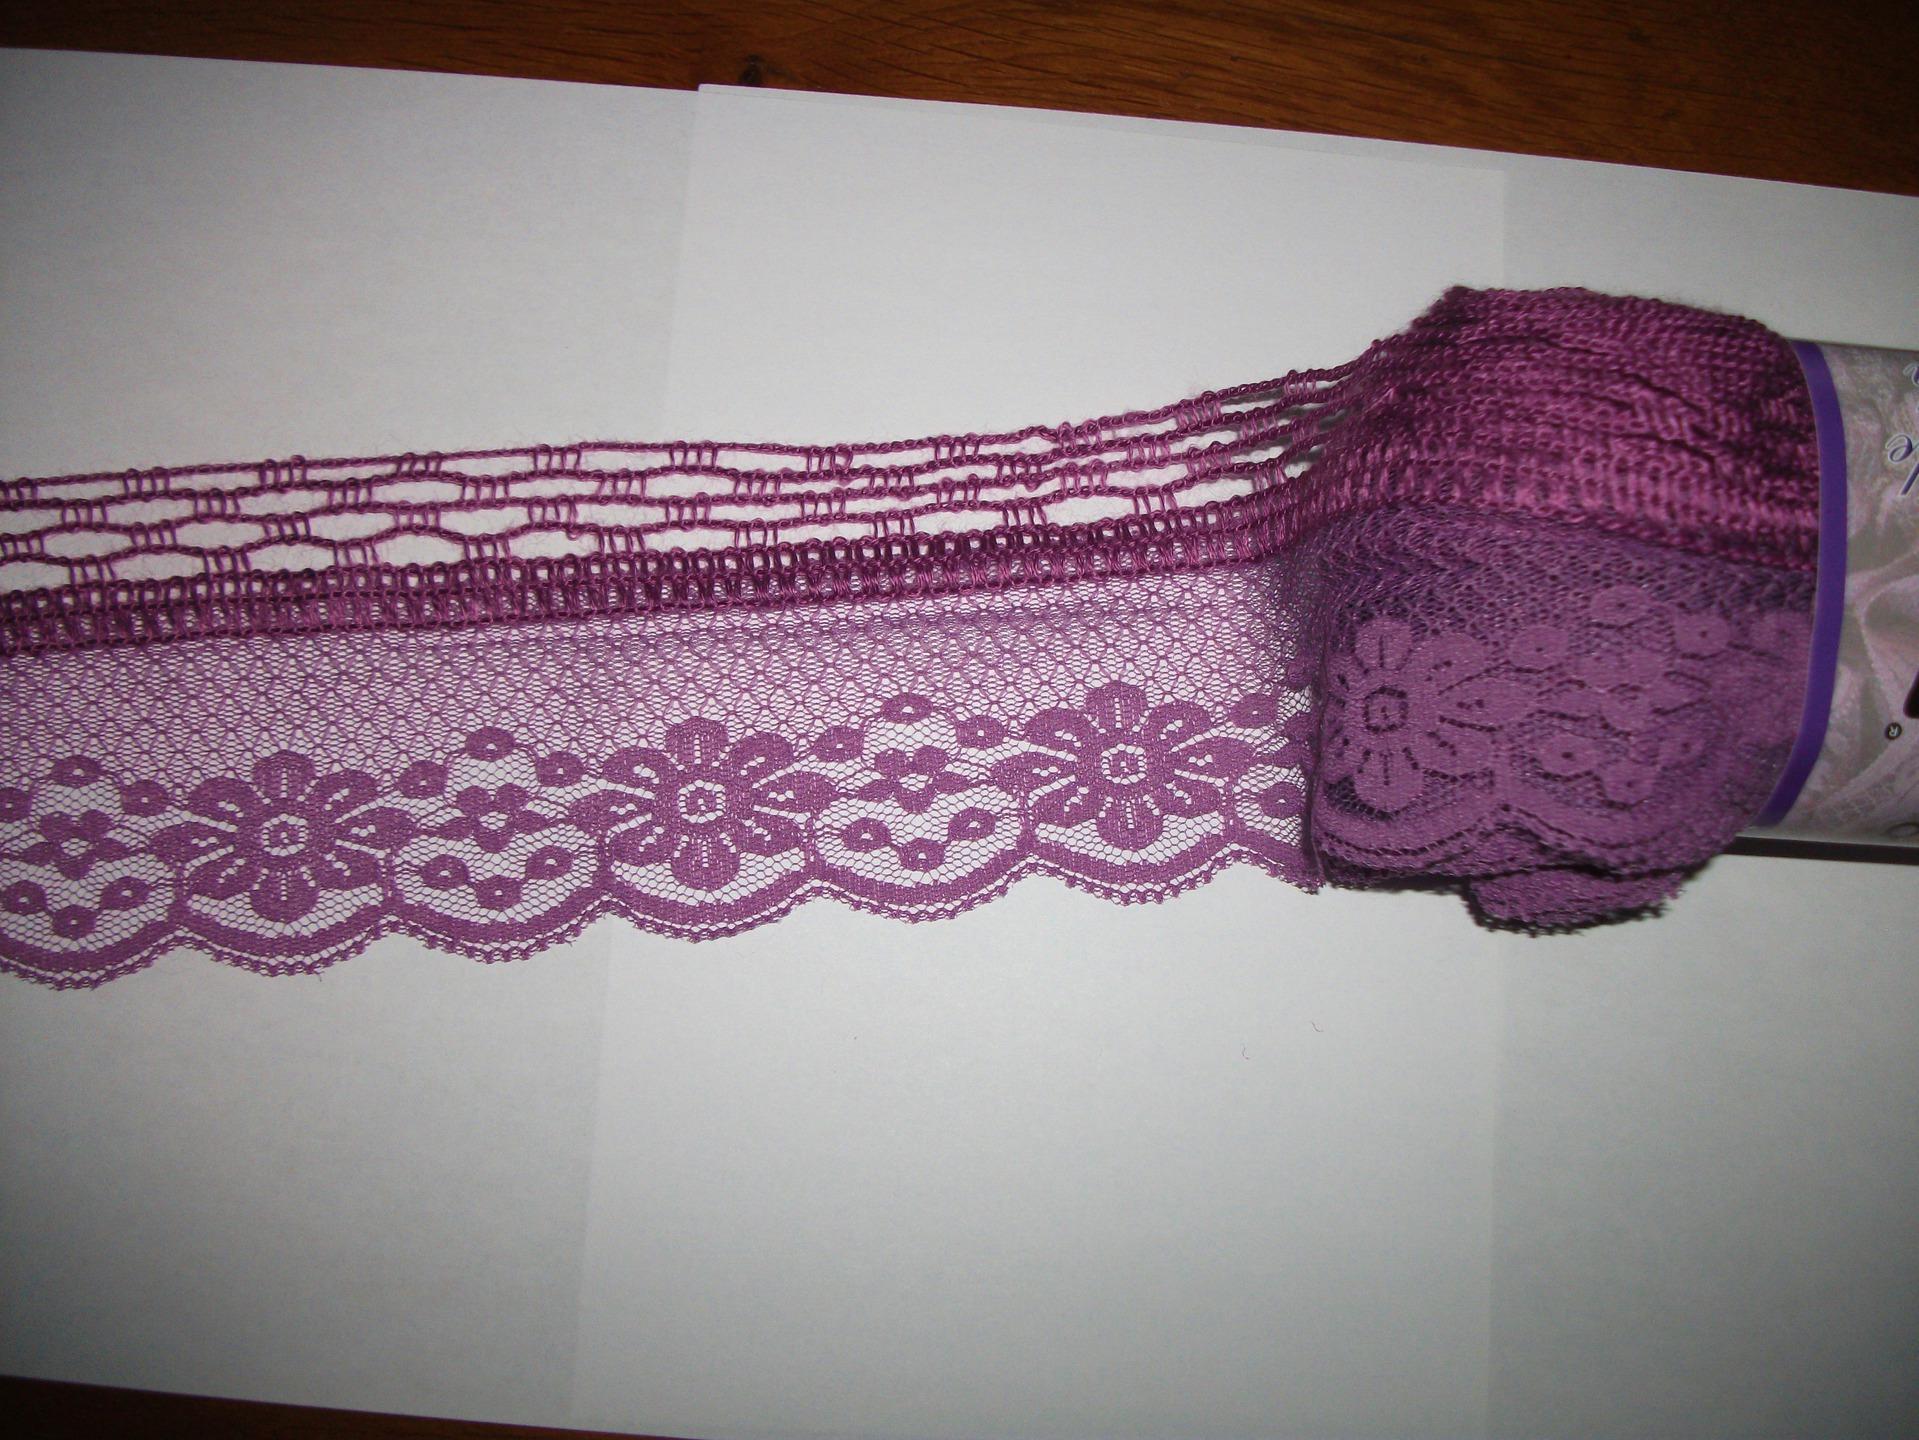 pelote de laine pour une echarpe